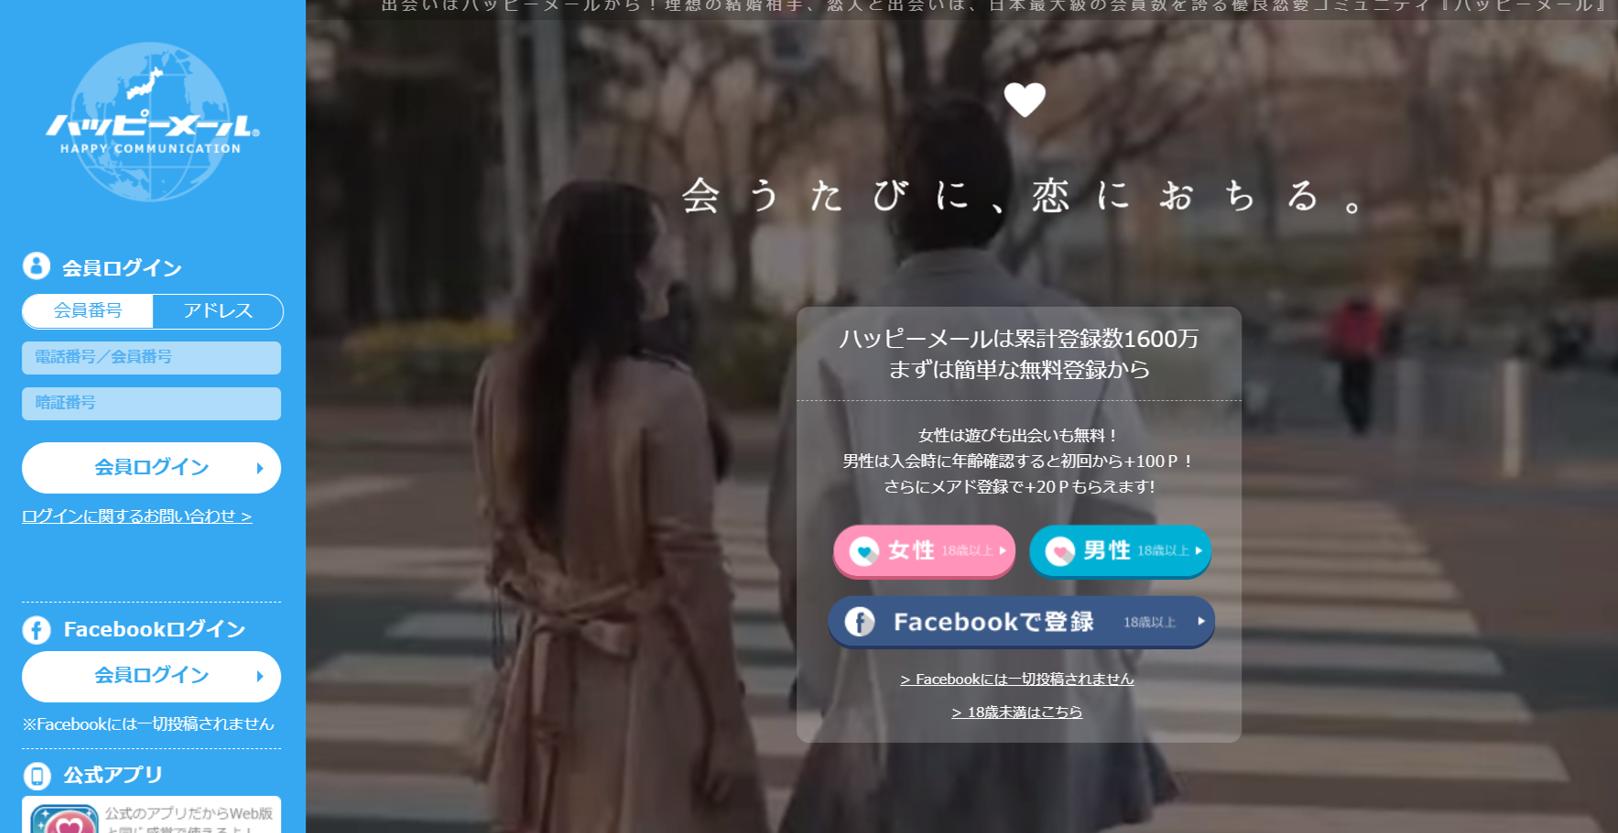 ハッピーメールの口コミ評判・評価まとめ~実態を調査!